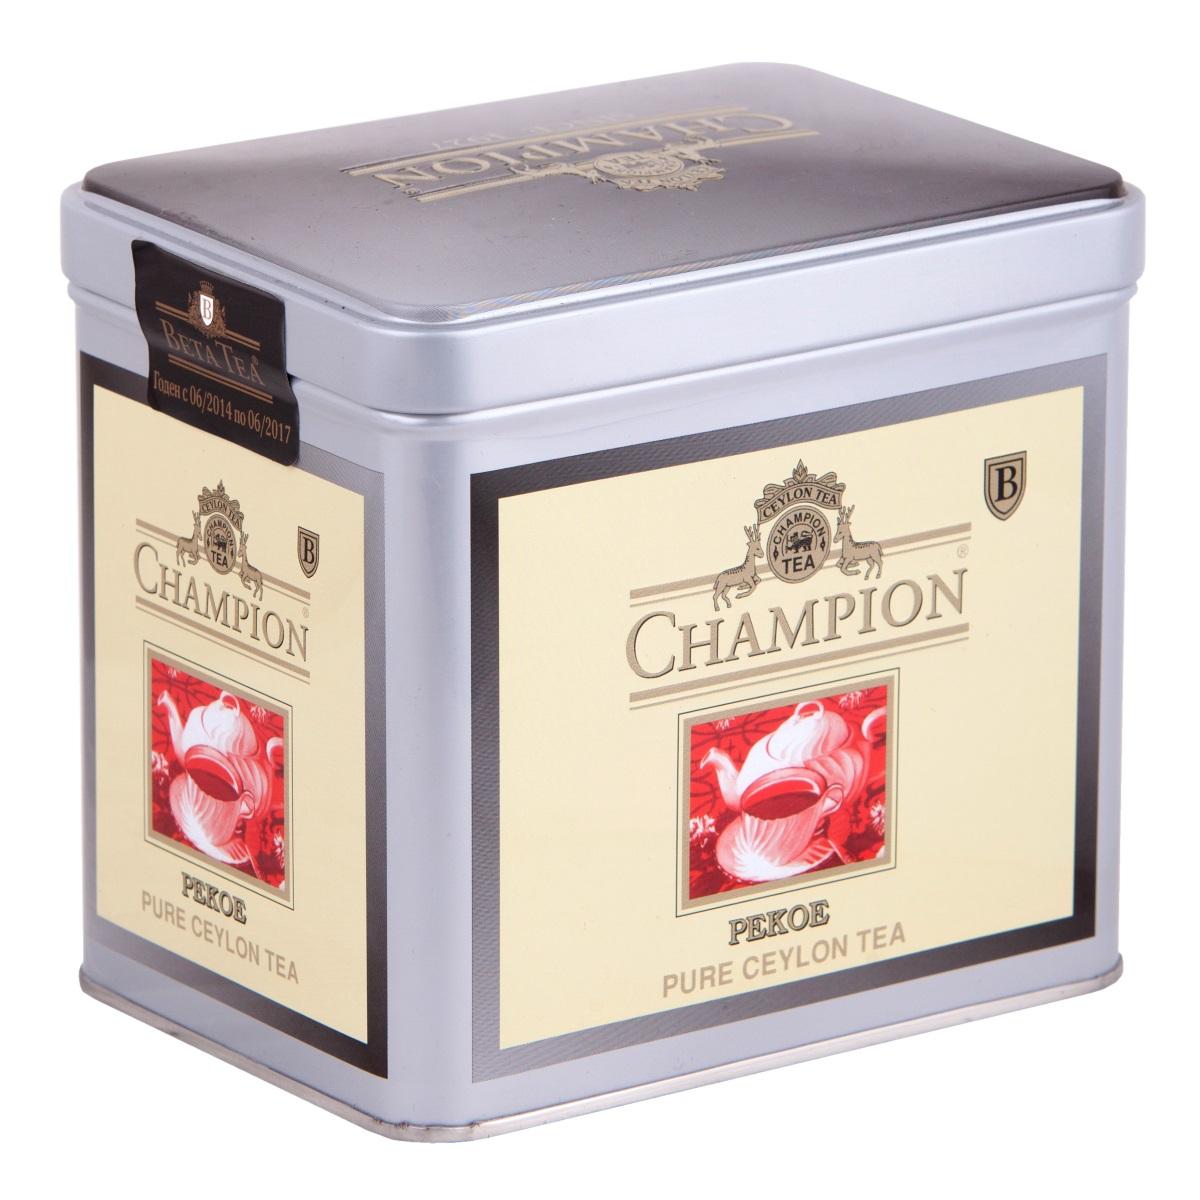 Champion Пеко черный листовой чай, 250 г (металлическая банка)101246Чай Champion Пеко с богатым вкусом, прозрачным и золотистым цветом дает возможность любителям чая оценить настоящий вкус напитка. Чай этого сорта выращивается на плантациях Шри-Ланки. При его создании используется особая технология скручивания чайных листочков. Сочный насыщенный цвет, богатый аромат и терпкость - его отличительные характеристики.